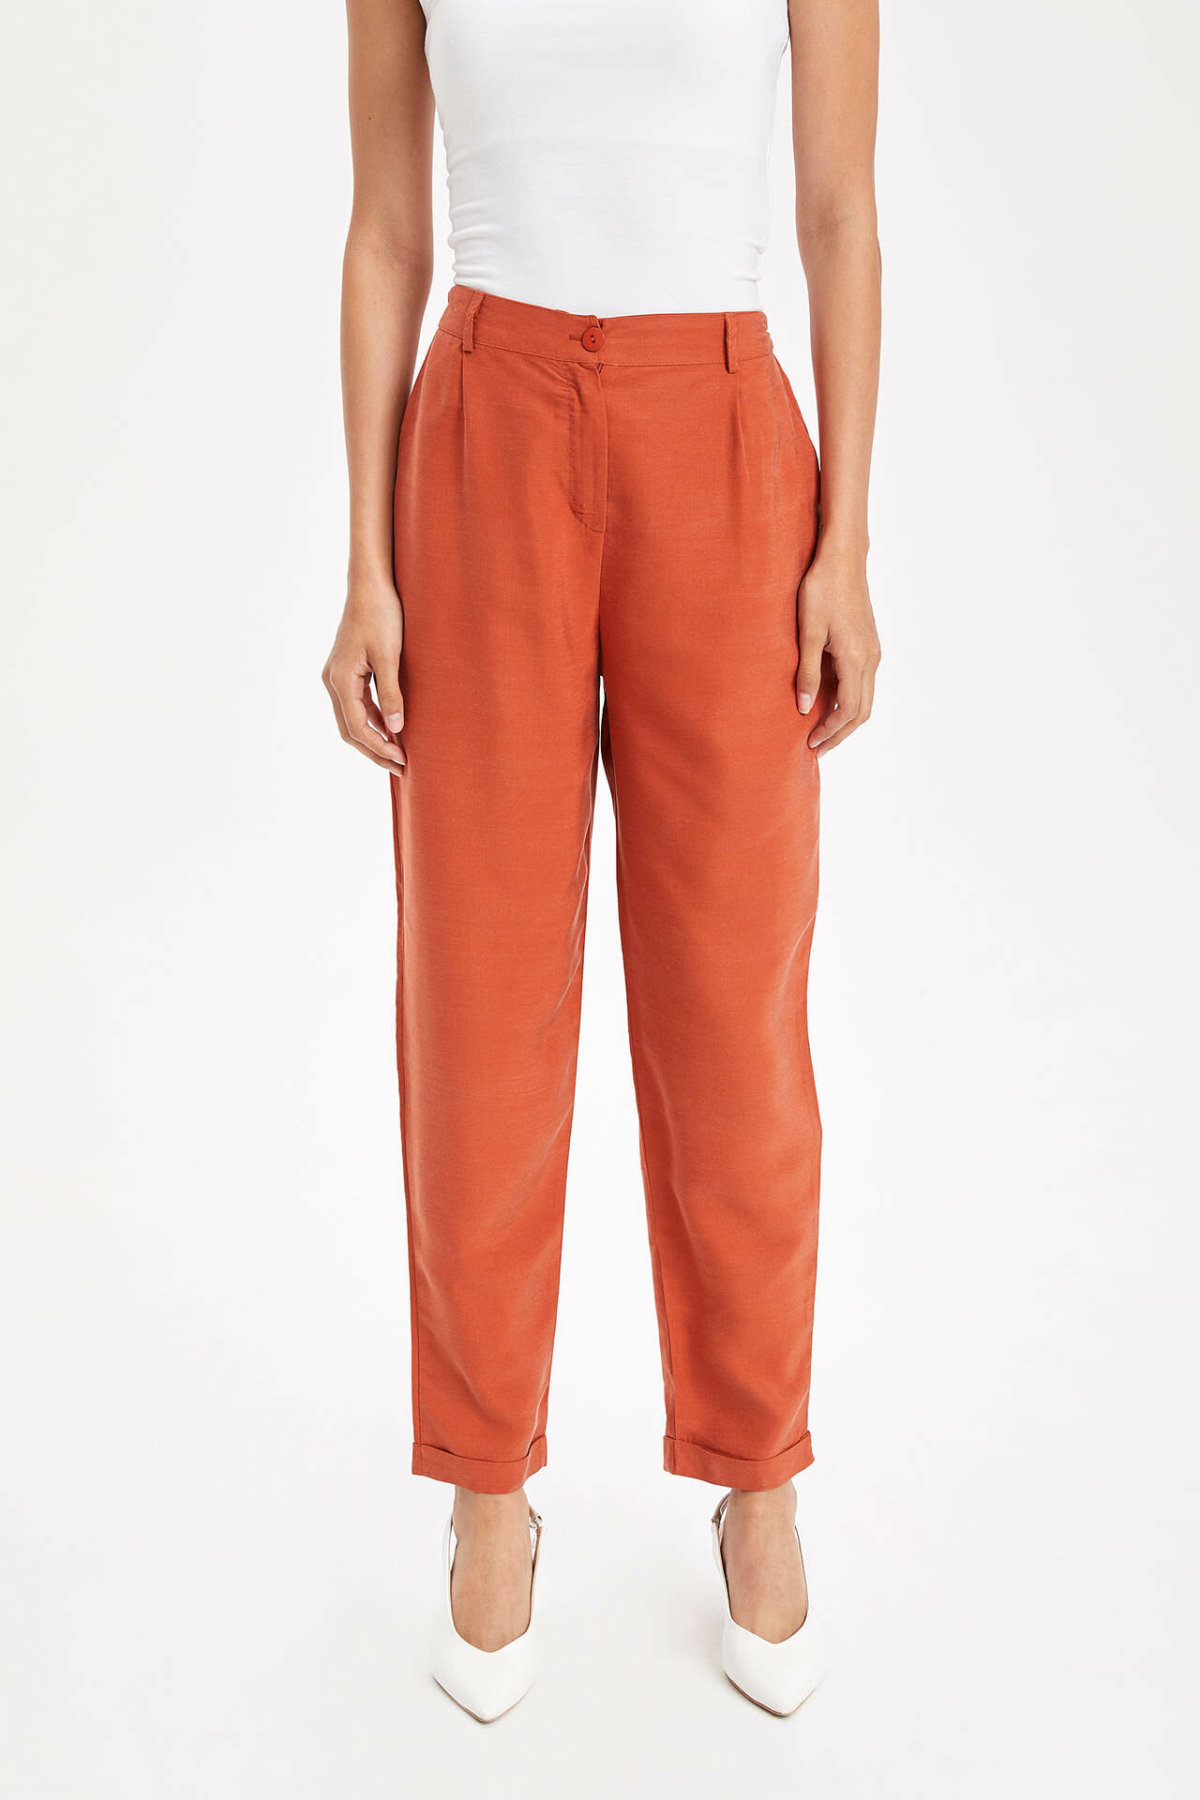 DeFacto Female Fashion Loose Trousers Ladies Casual Button Pants Comfort Straight Comfort Long Pants New Orange - L1406AZ19SP